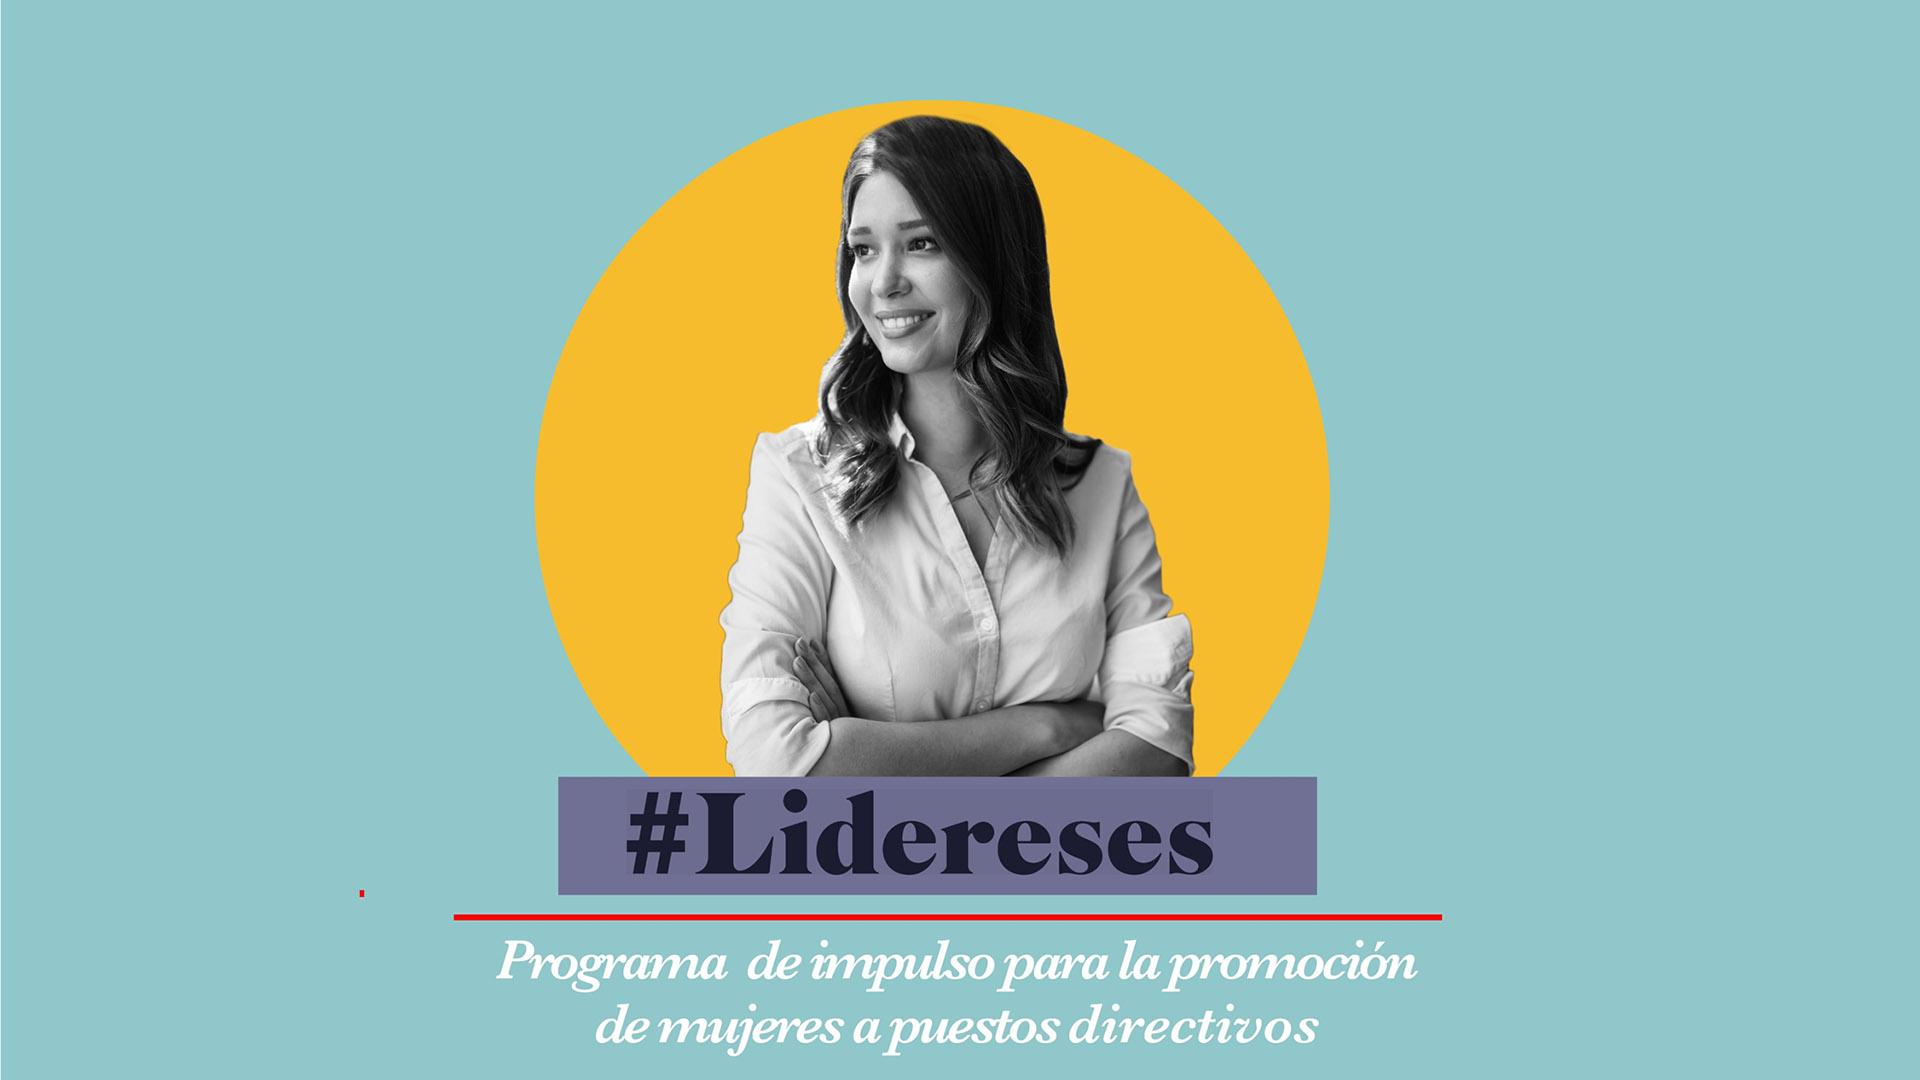 'Lidereses'